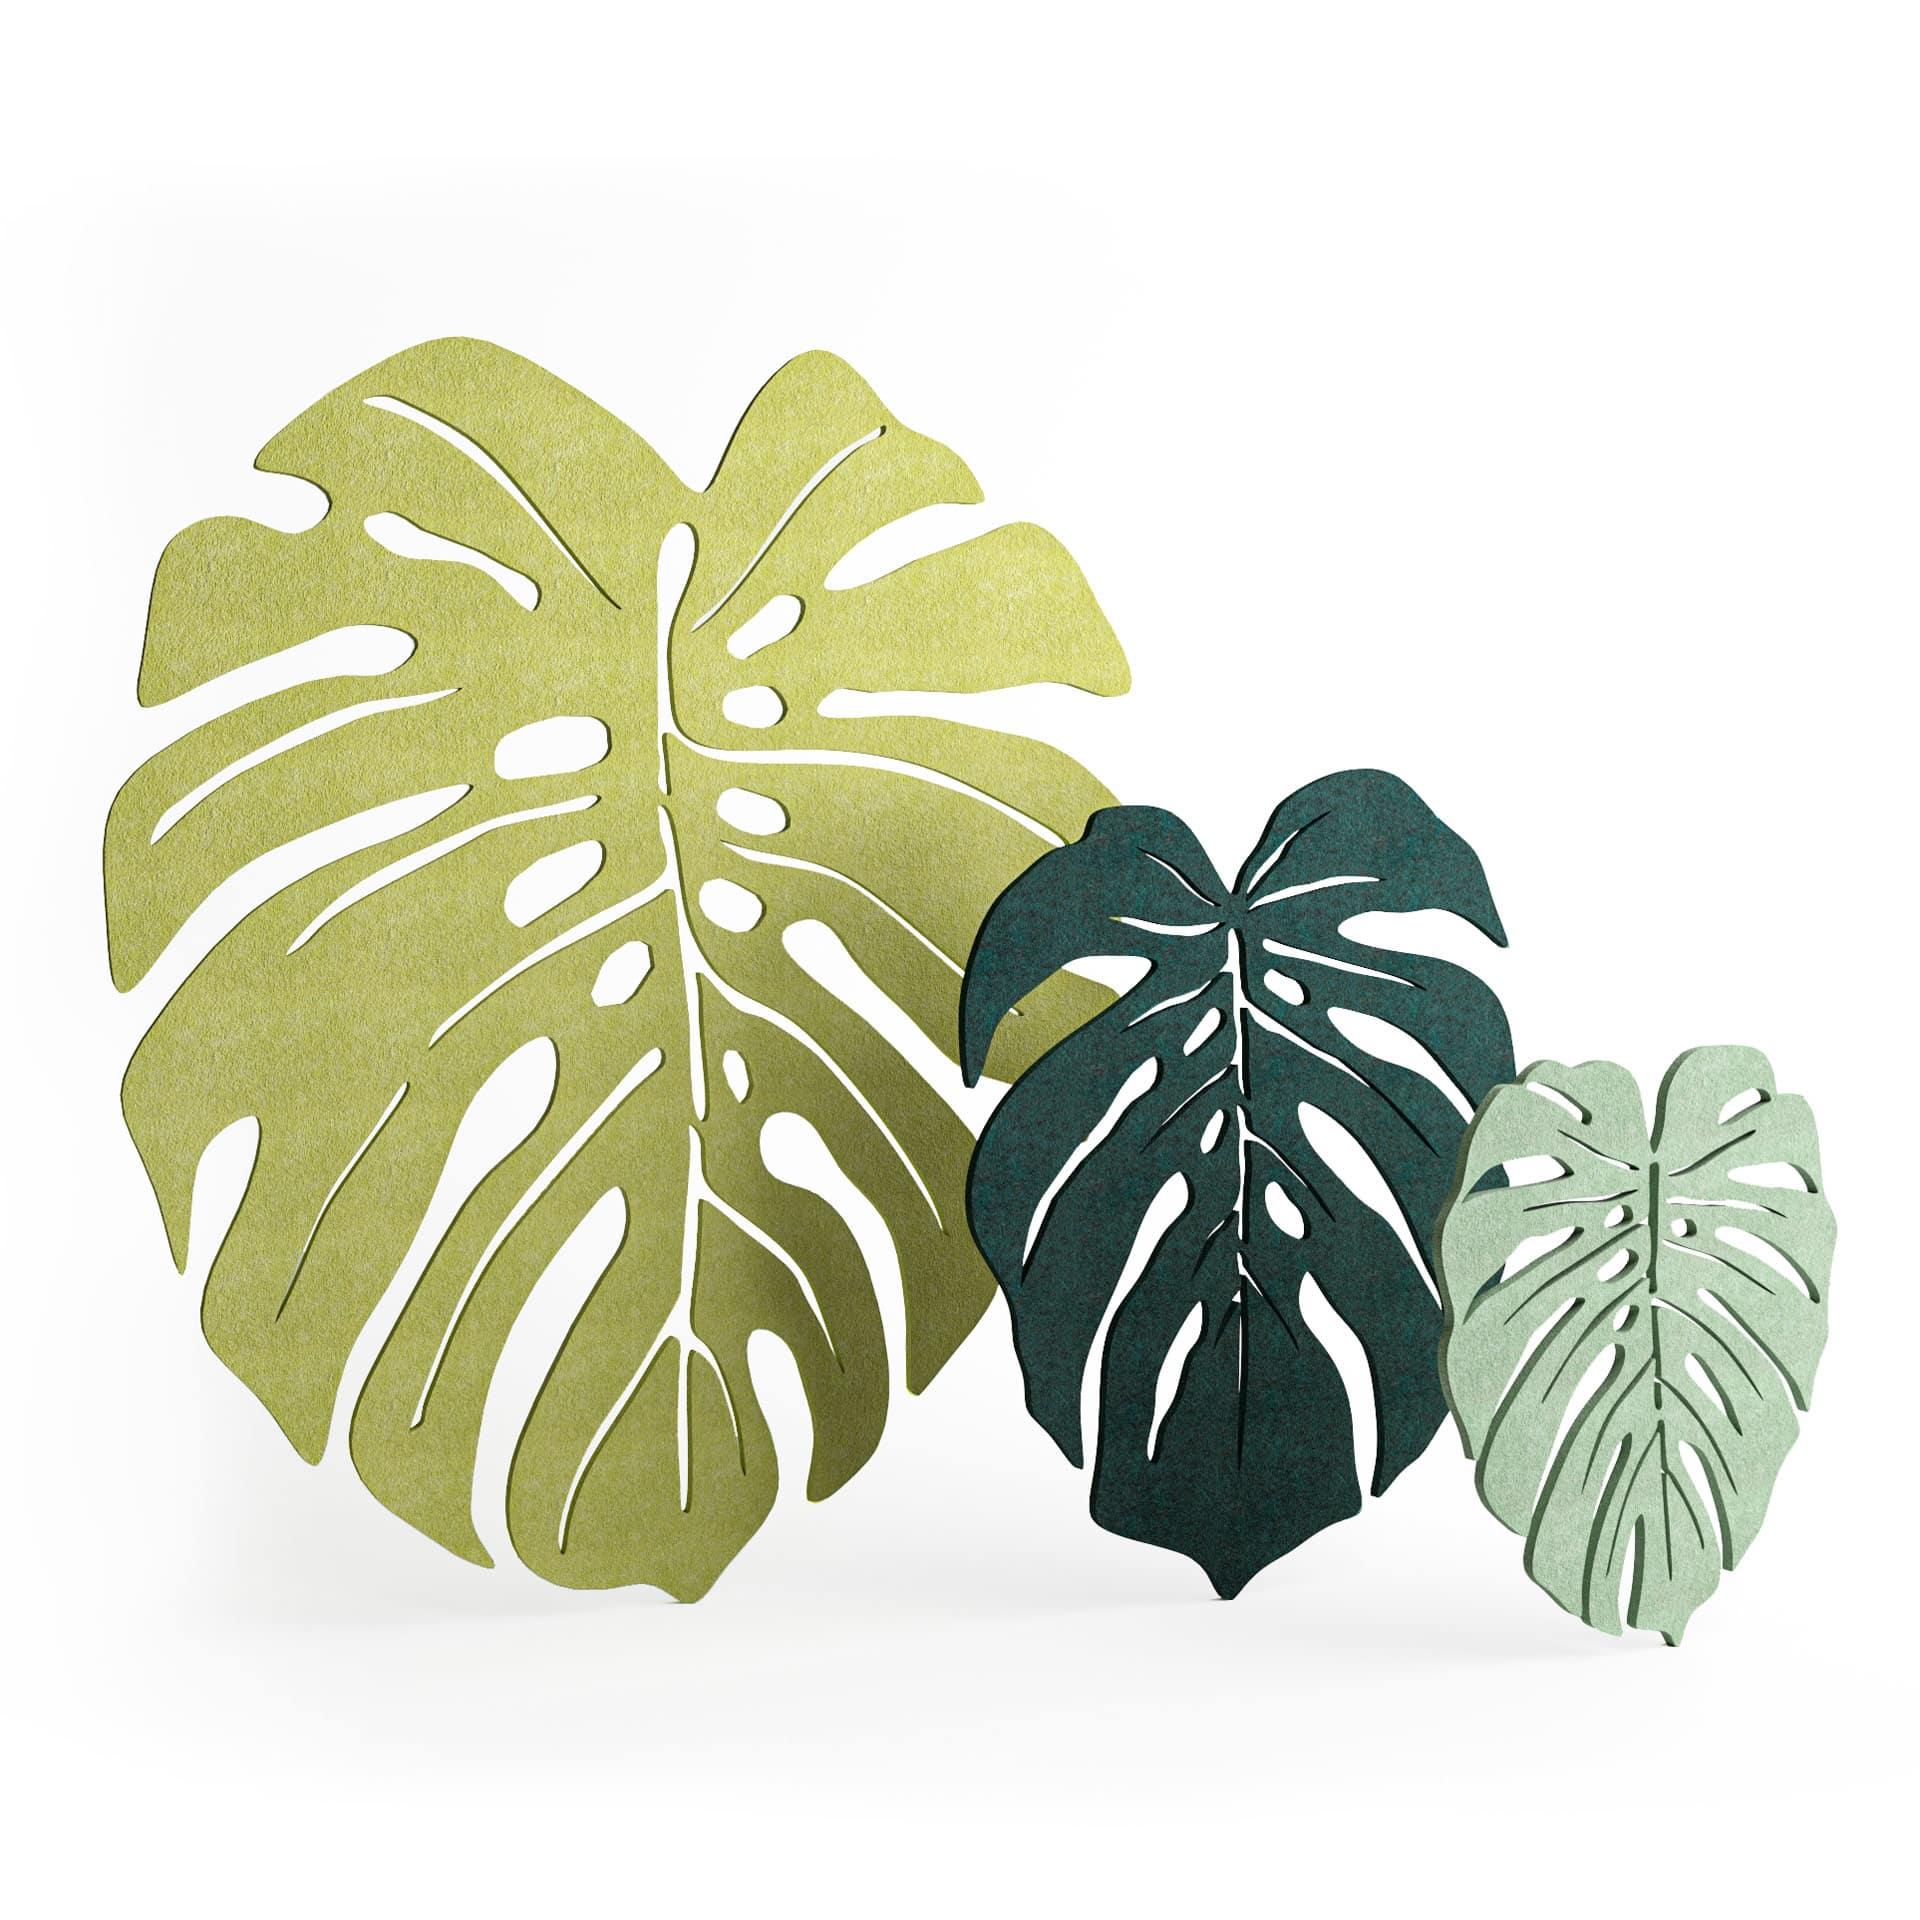 Panel dekoracyjny dźwiękochłonny EcoPET w kształcie liścia monstery